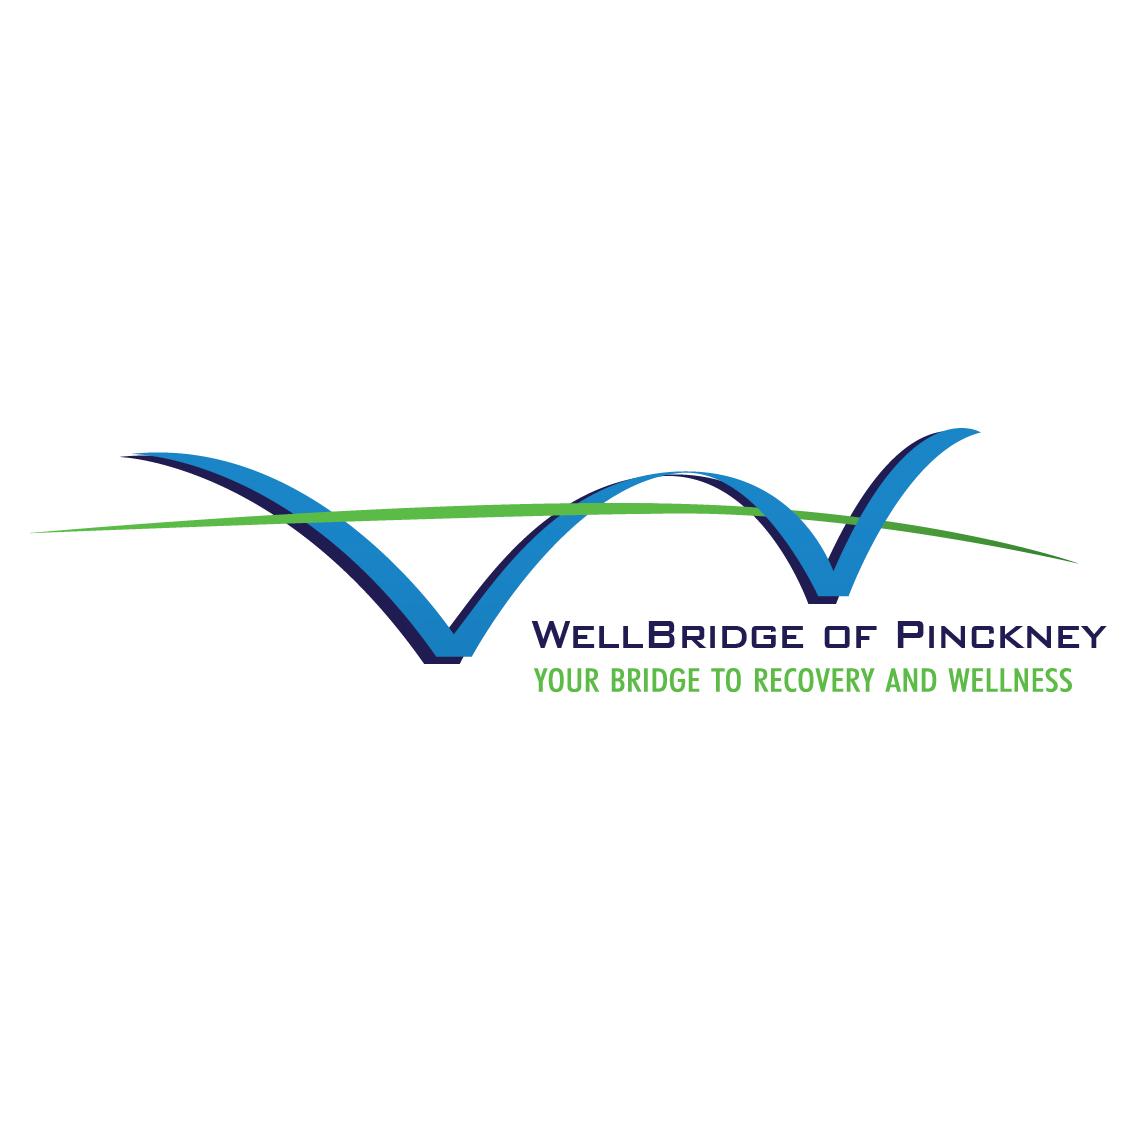 WellBridge of Pinckney